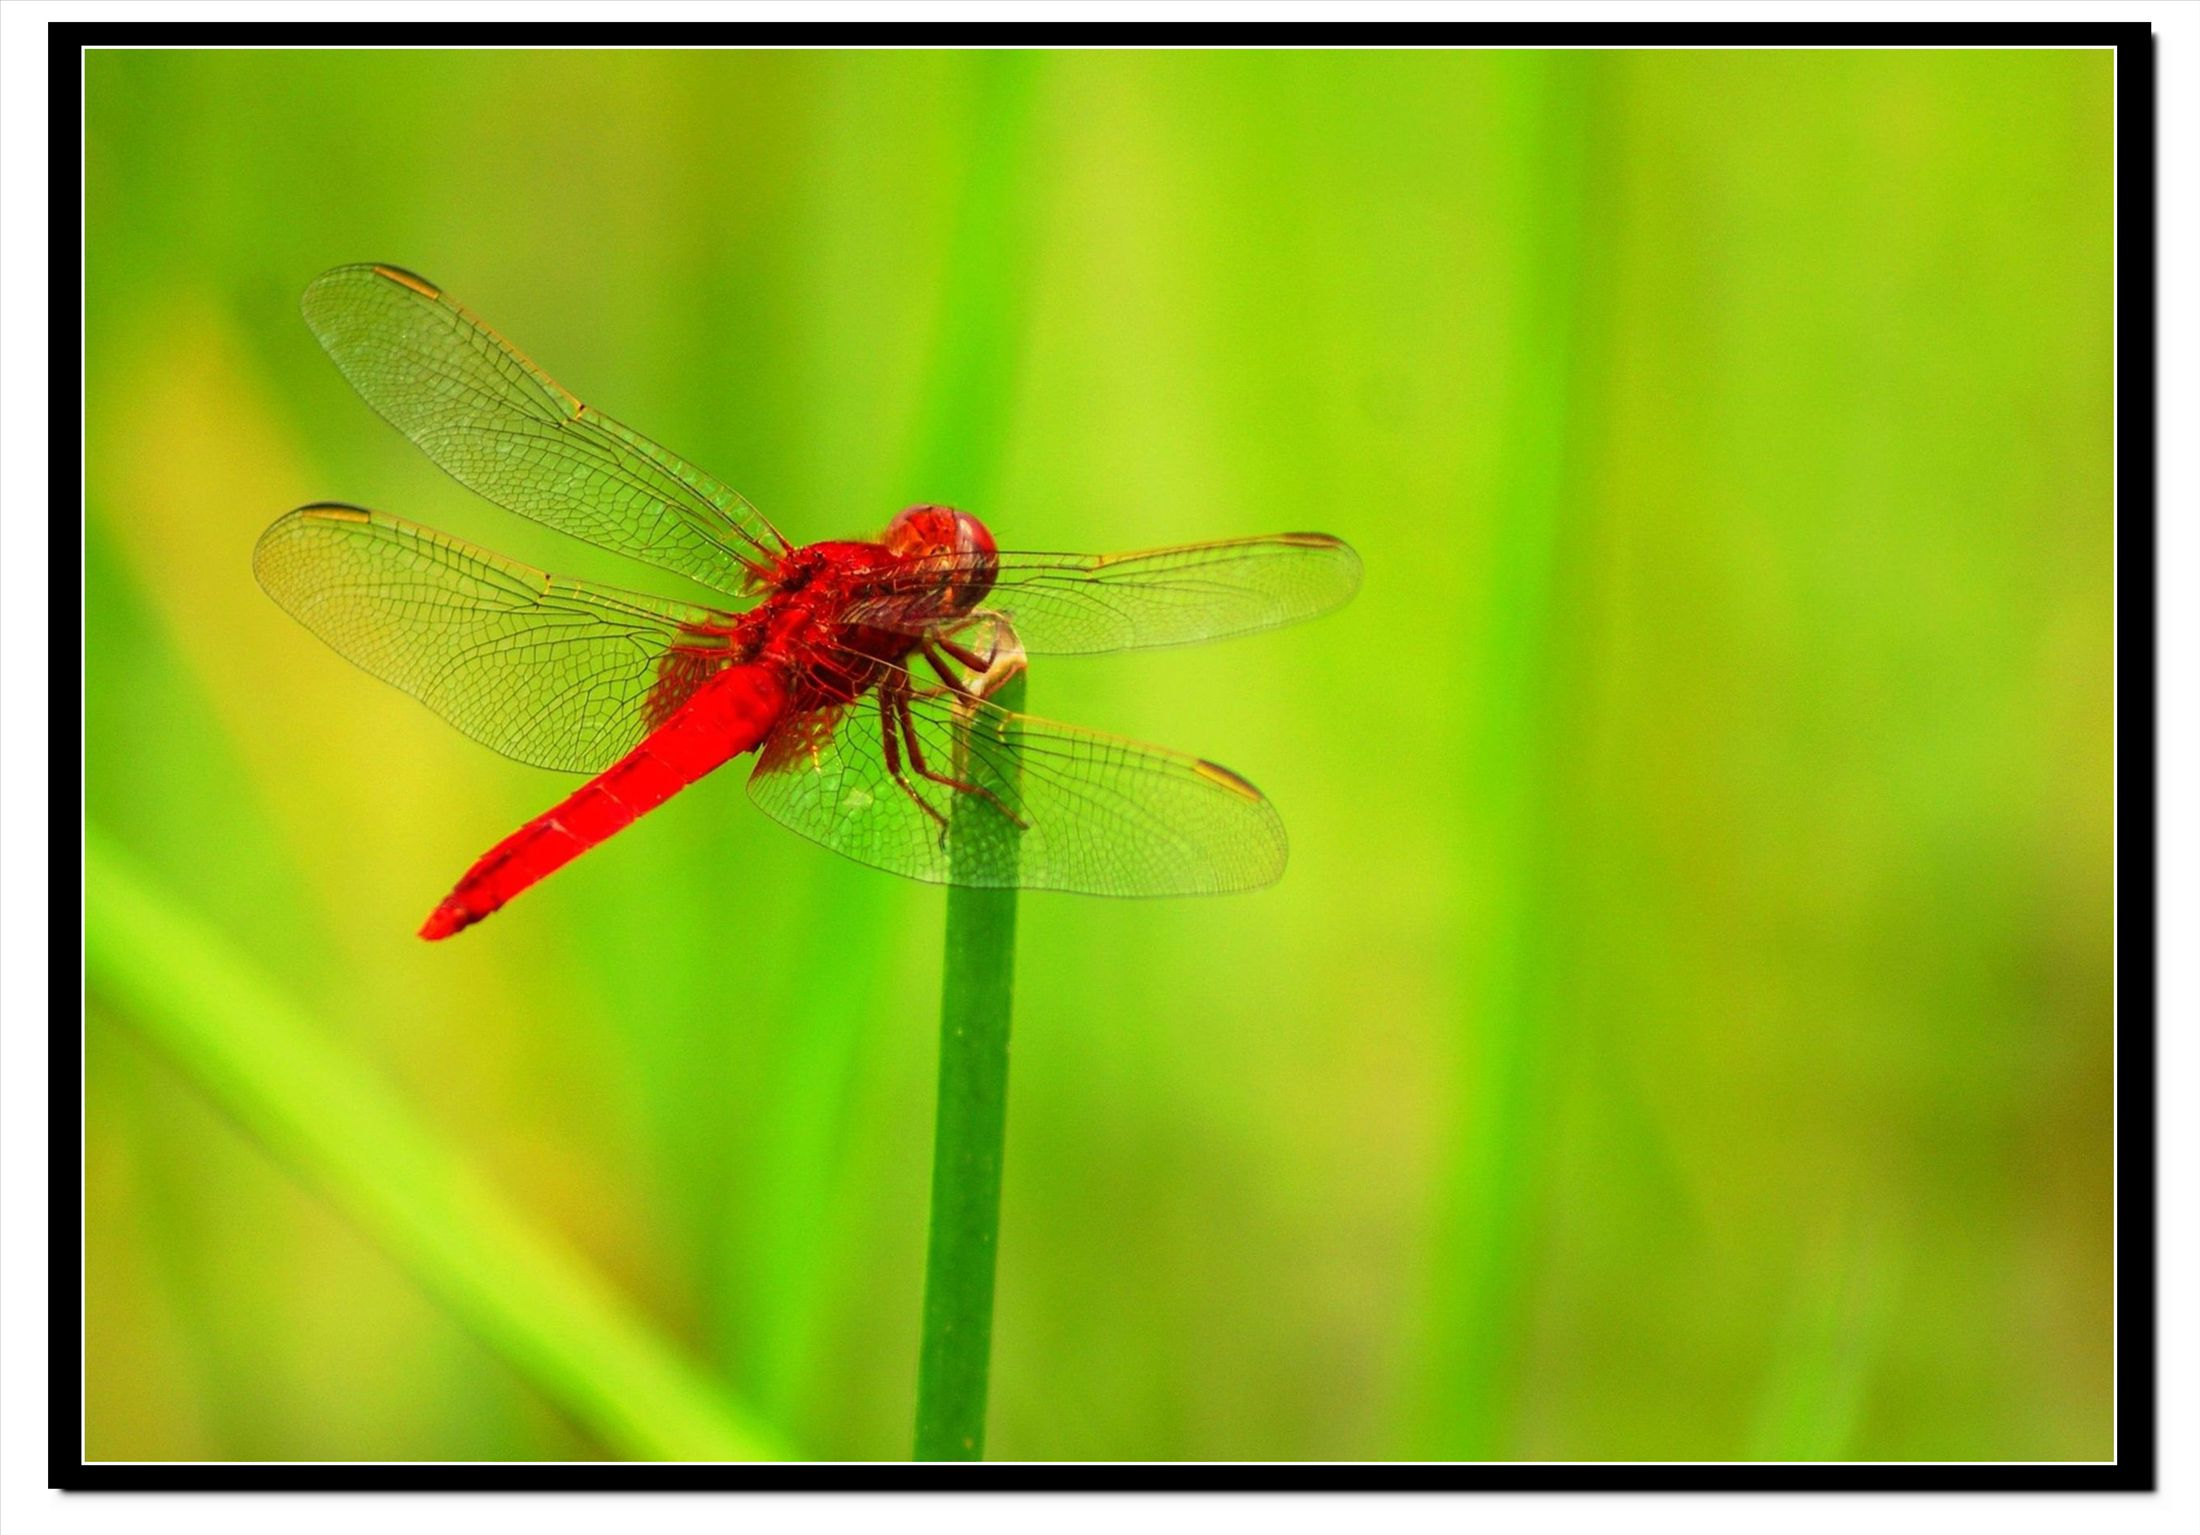 大蜻蜓简笔画彩色